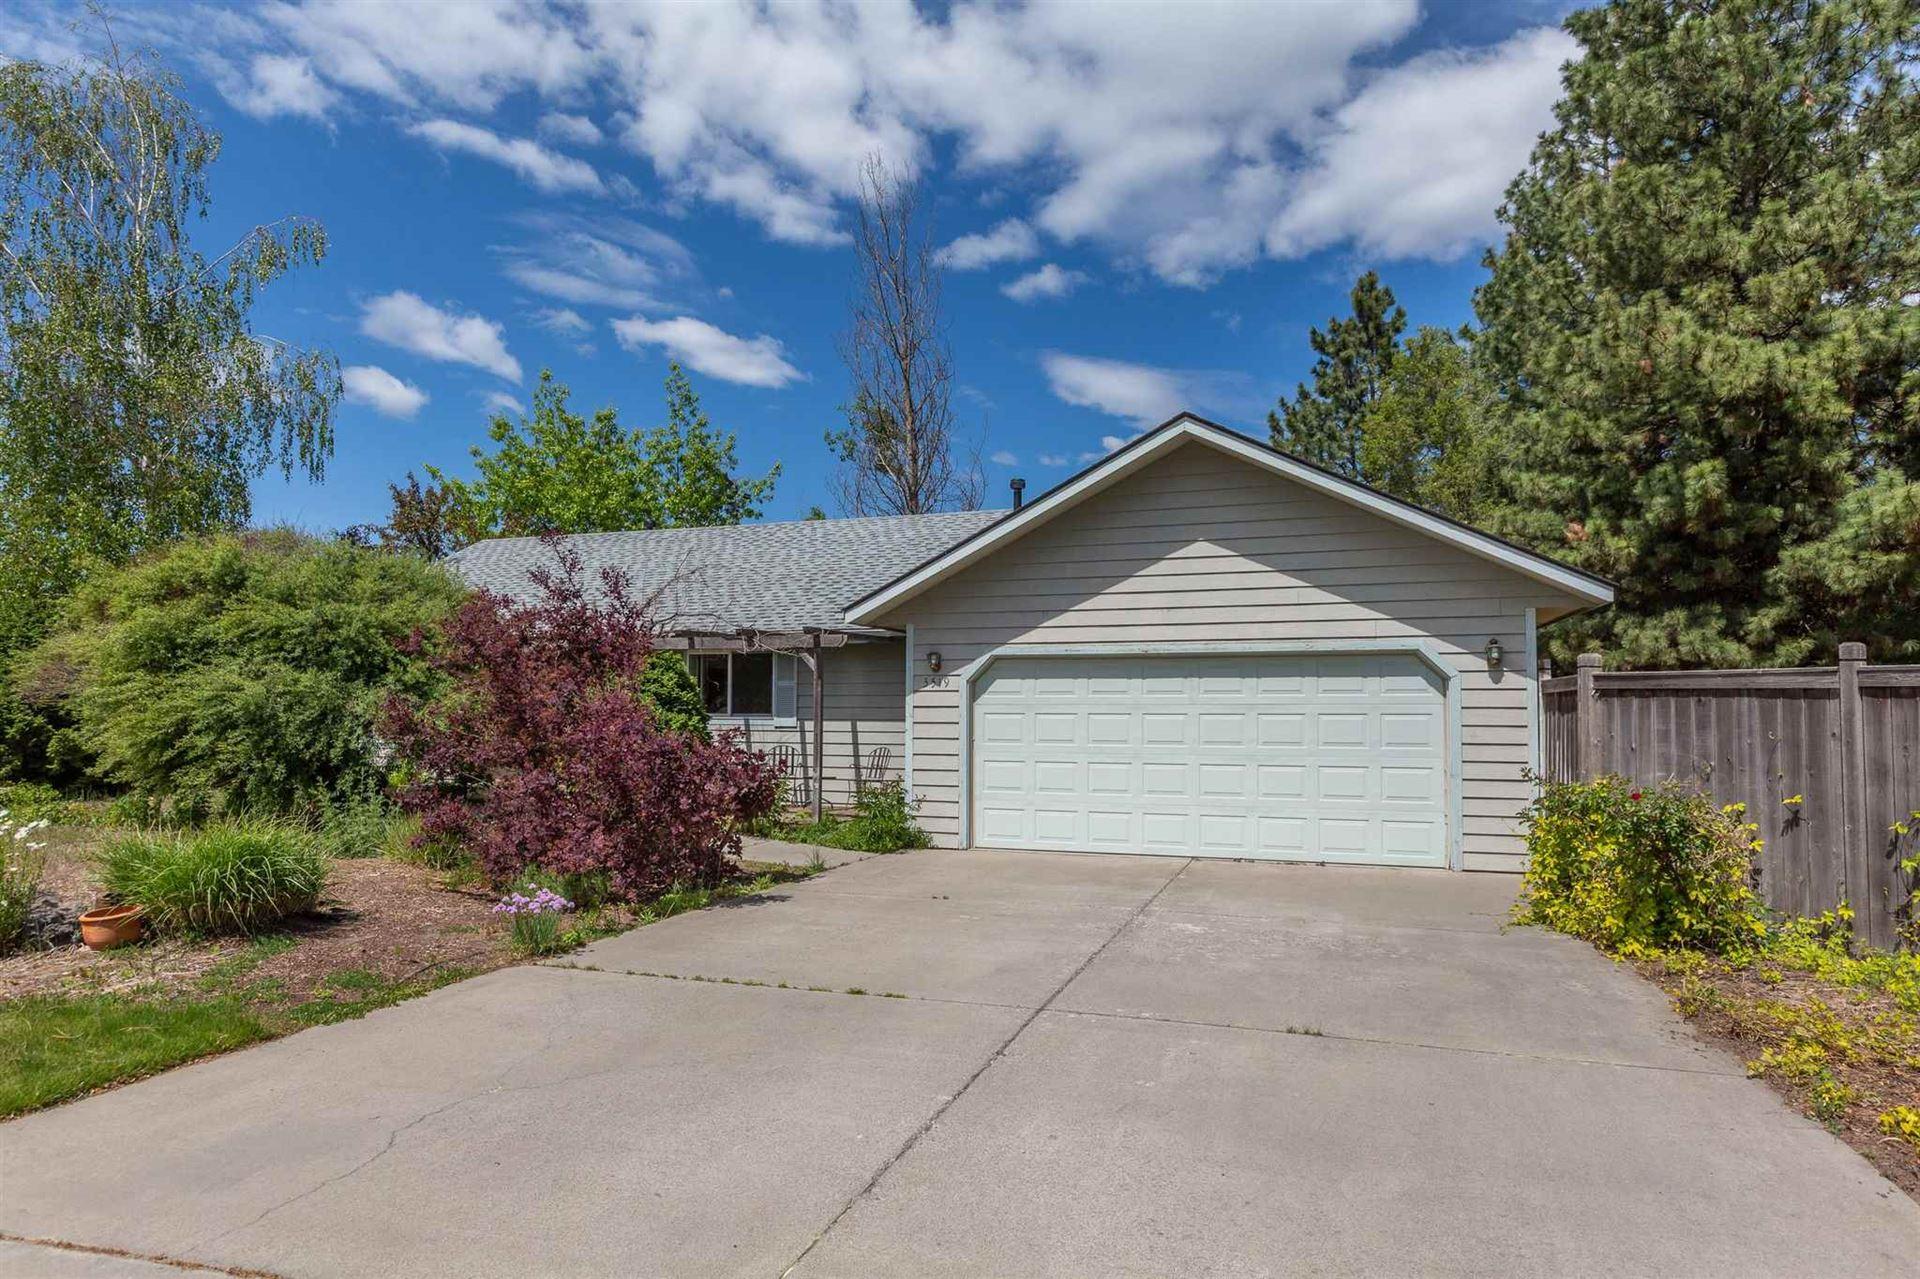 3519 E 50th Ave, Spokane, WA 99223 - #: 202116803